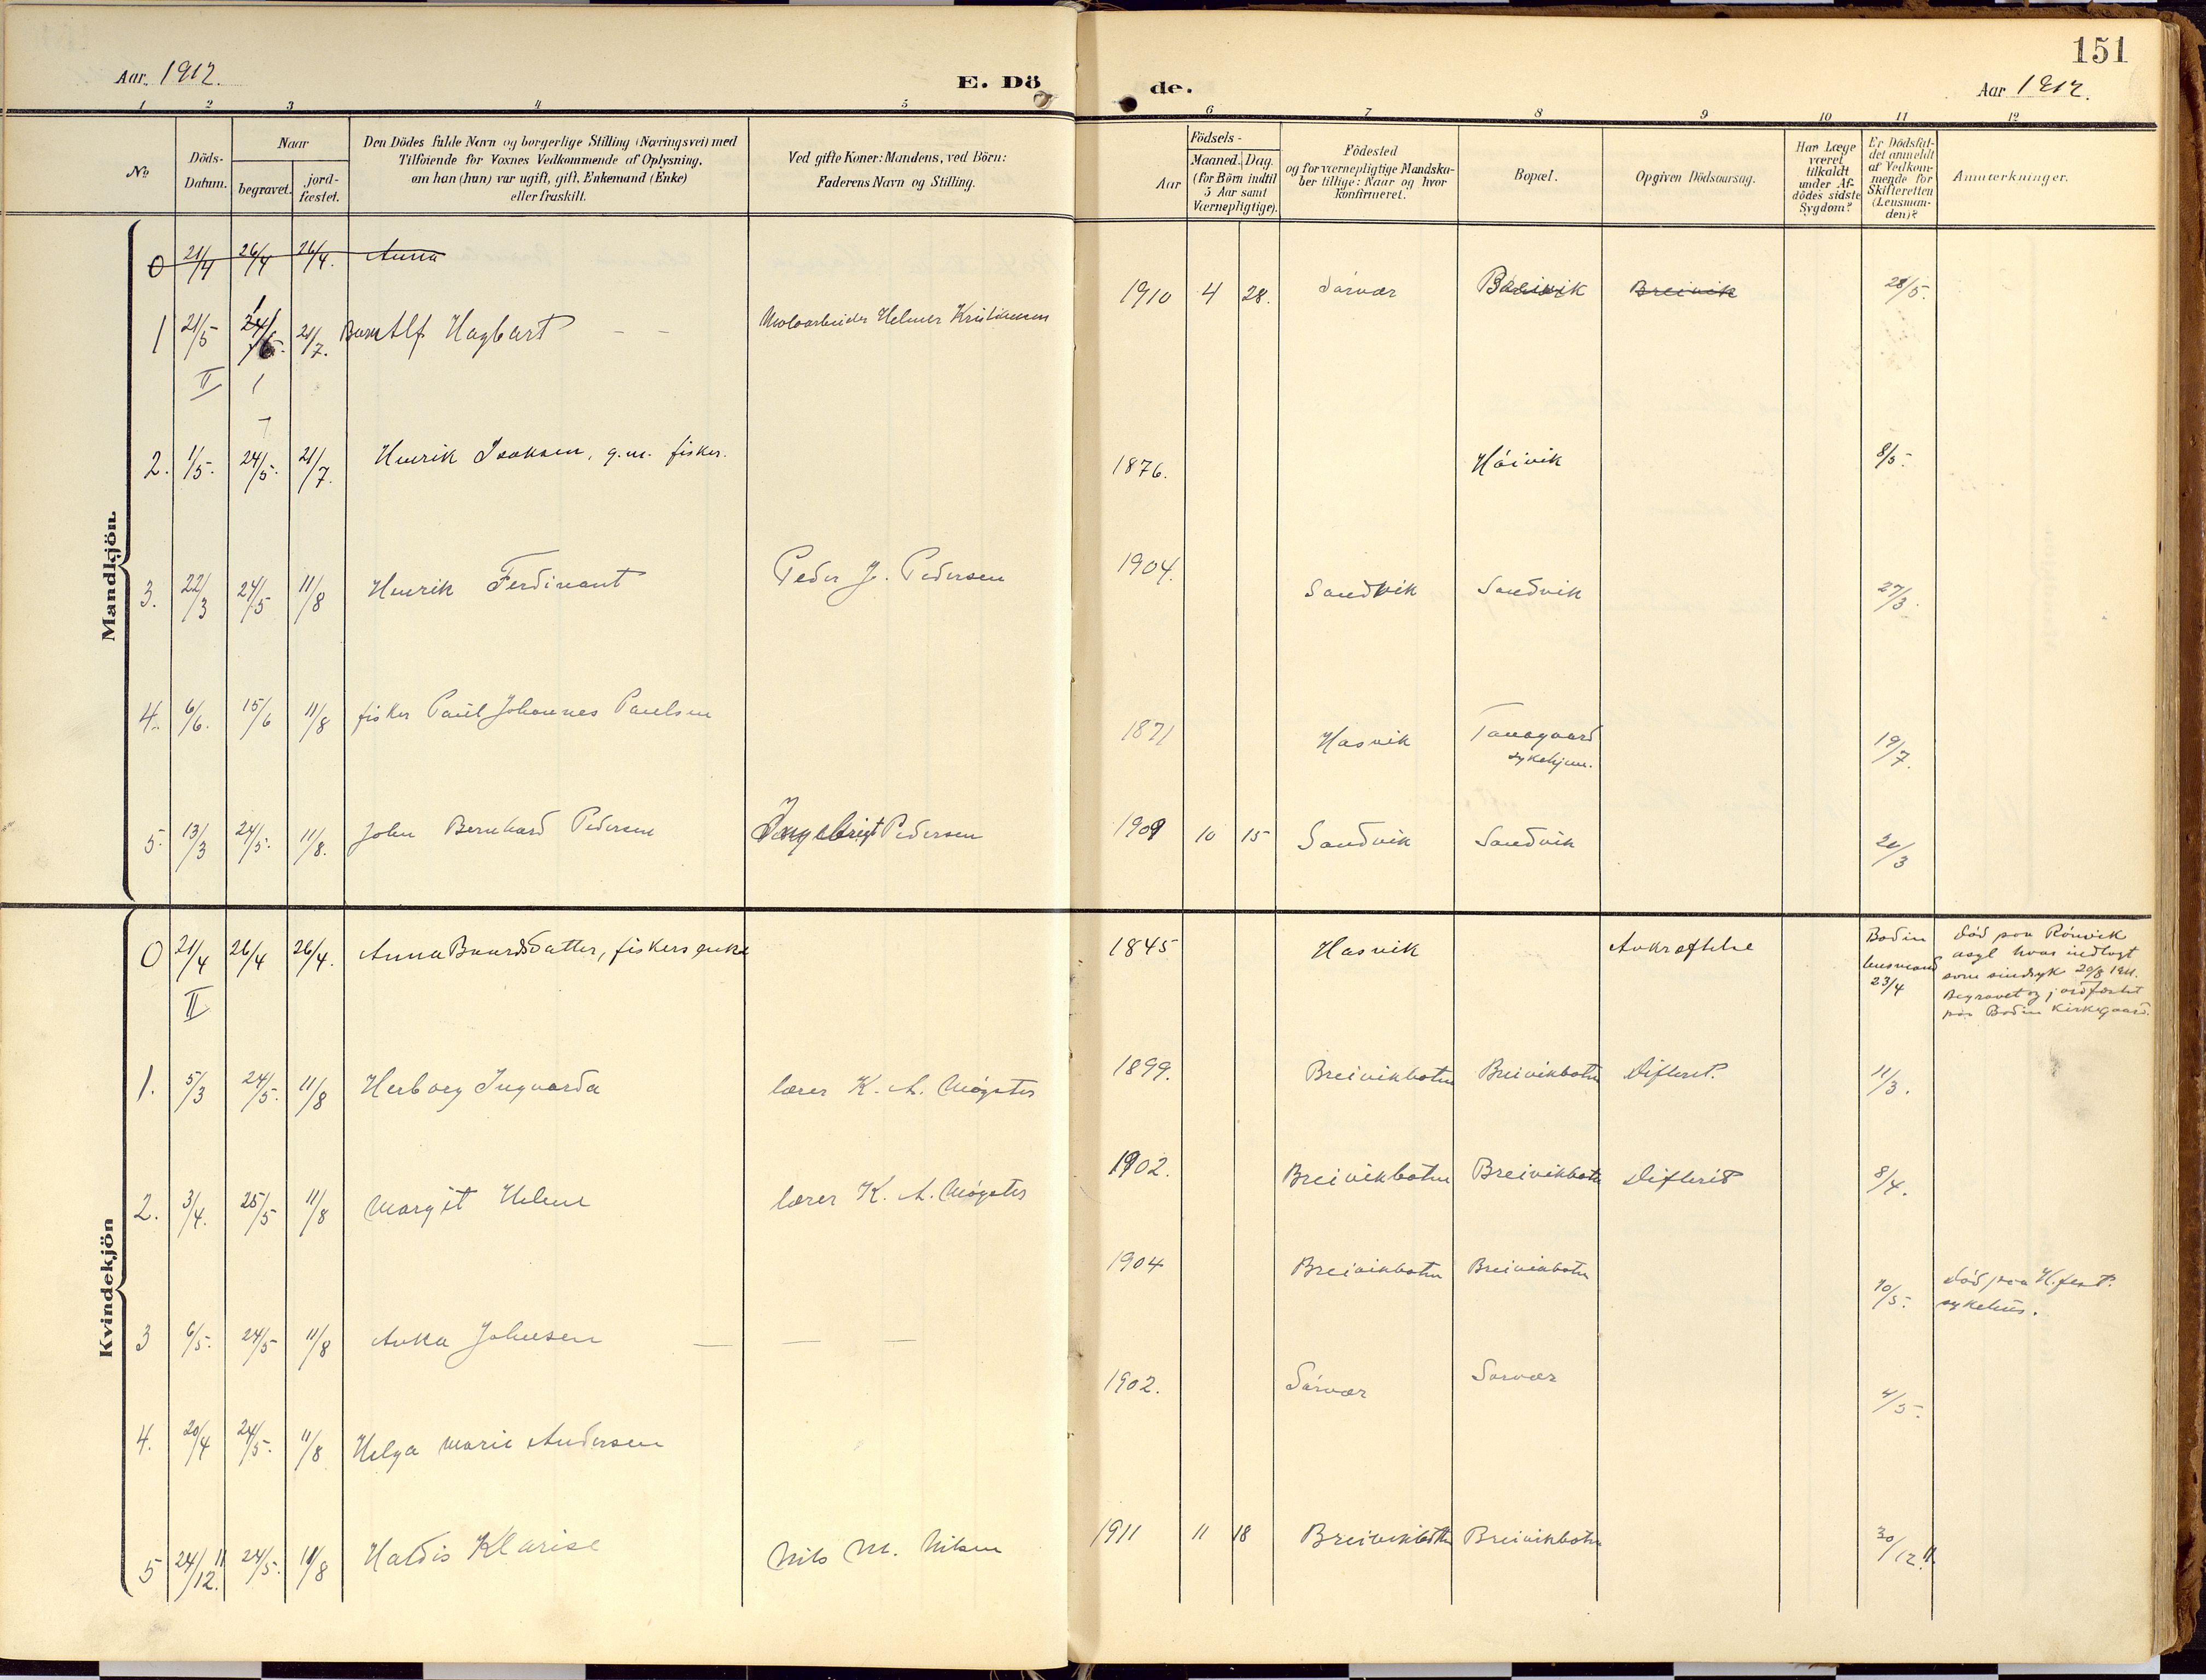 SATØ, Loppa sokneprestkontor, H/Ha/L0010kirke: Ministerialbok nr. 10, 1907-1922, s. 151